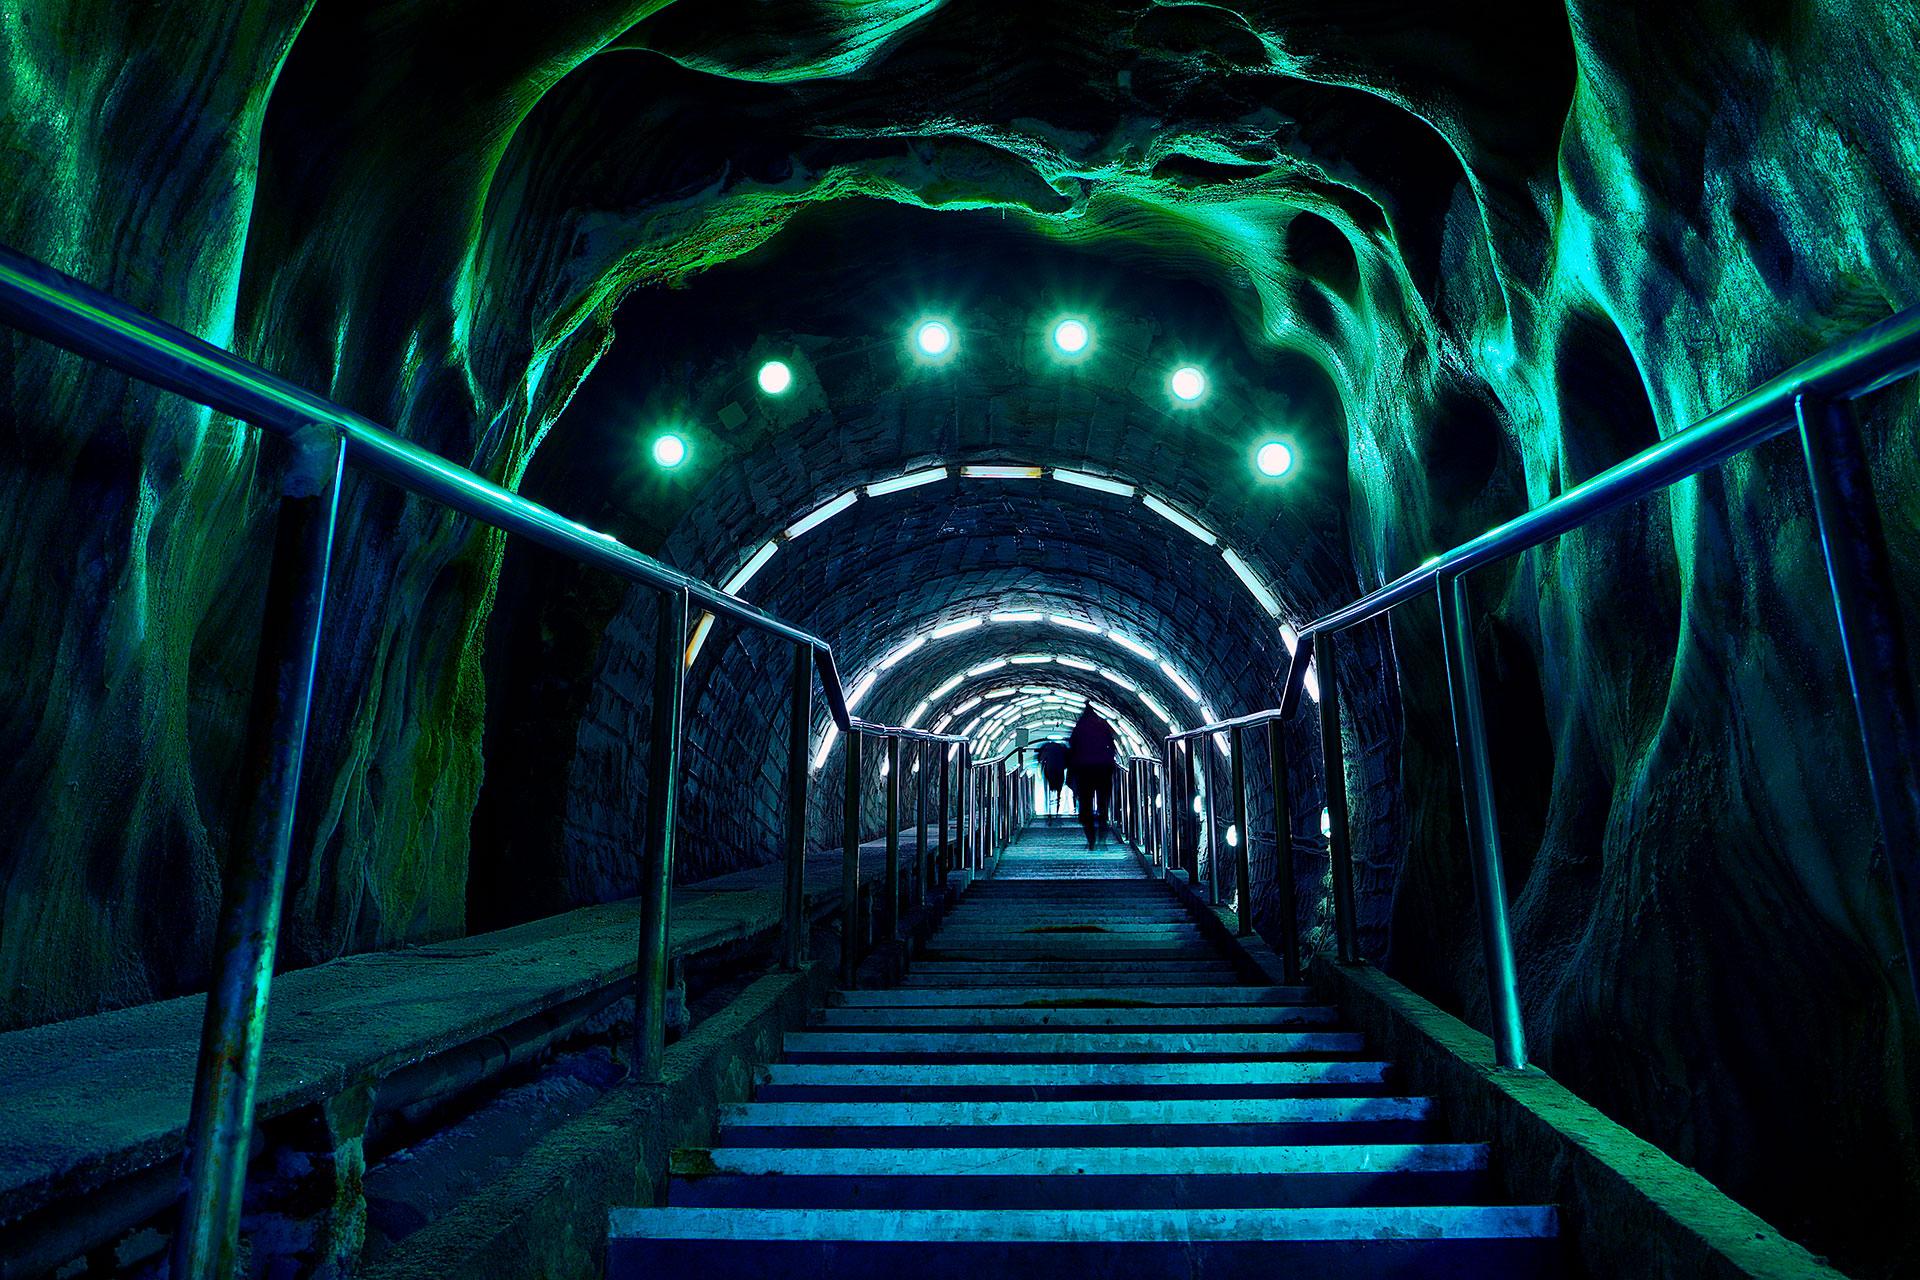 Cuenta con fascinantes túneles y pasadizos en los que los turistas pueden dimensionar la labor de los mineros